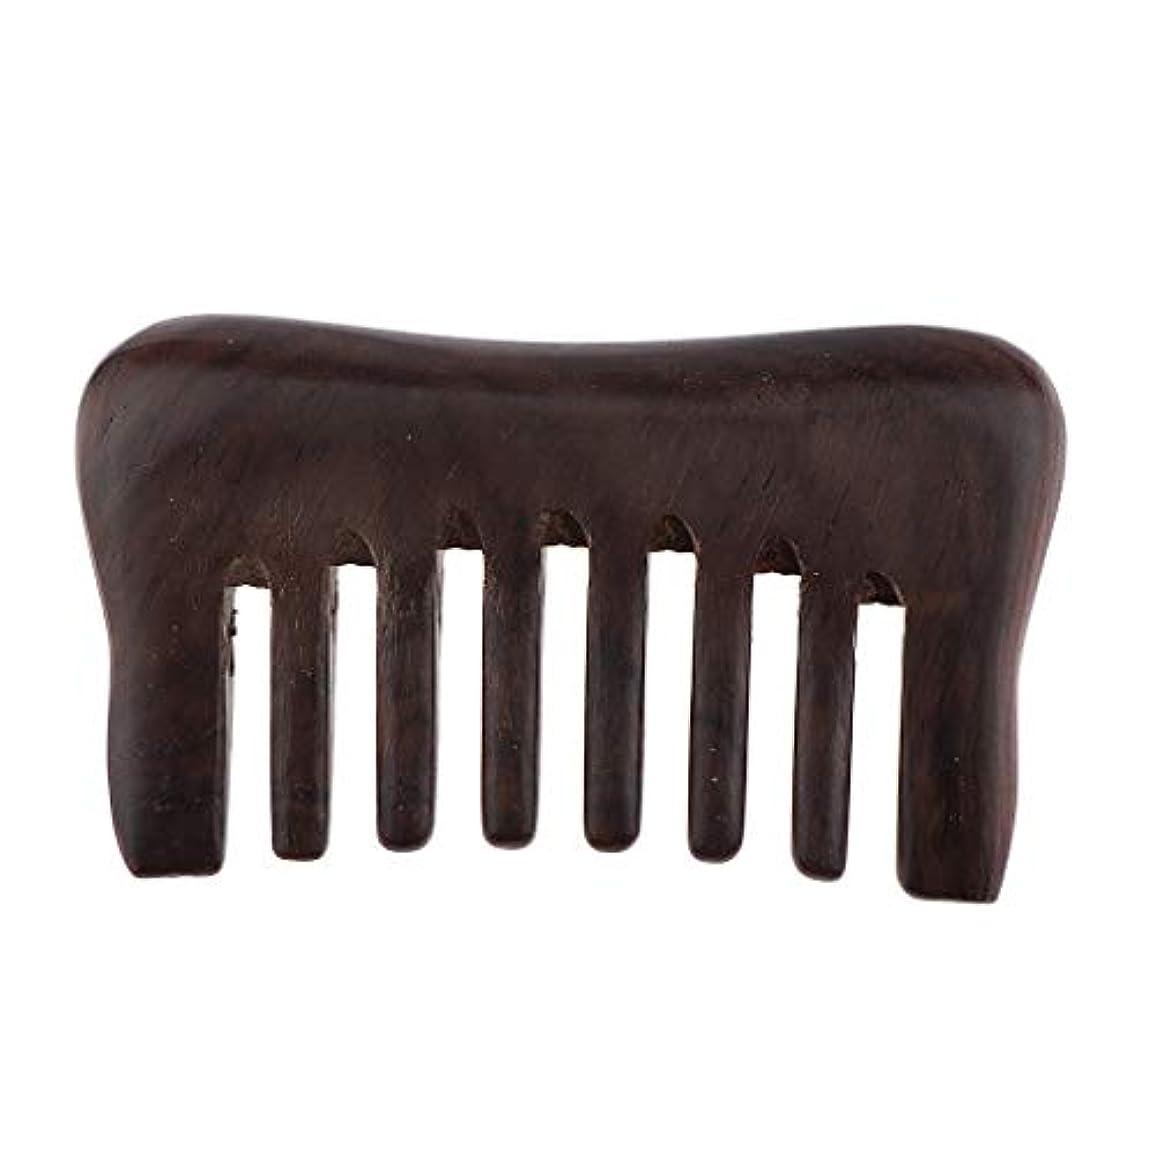 検出する悔い改める有効化ヘアコーム 木製櫛 頭皮マッサージ ヘアブラシ 3色選べ - 黒檀